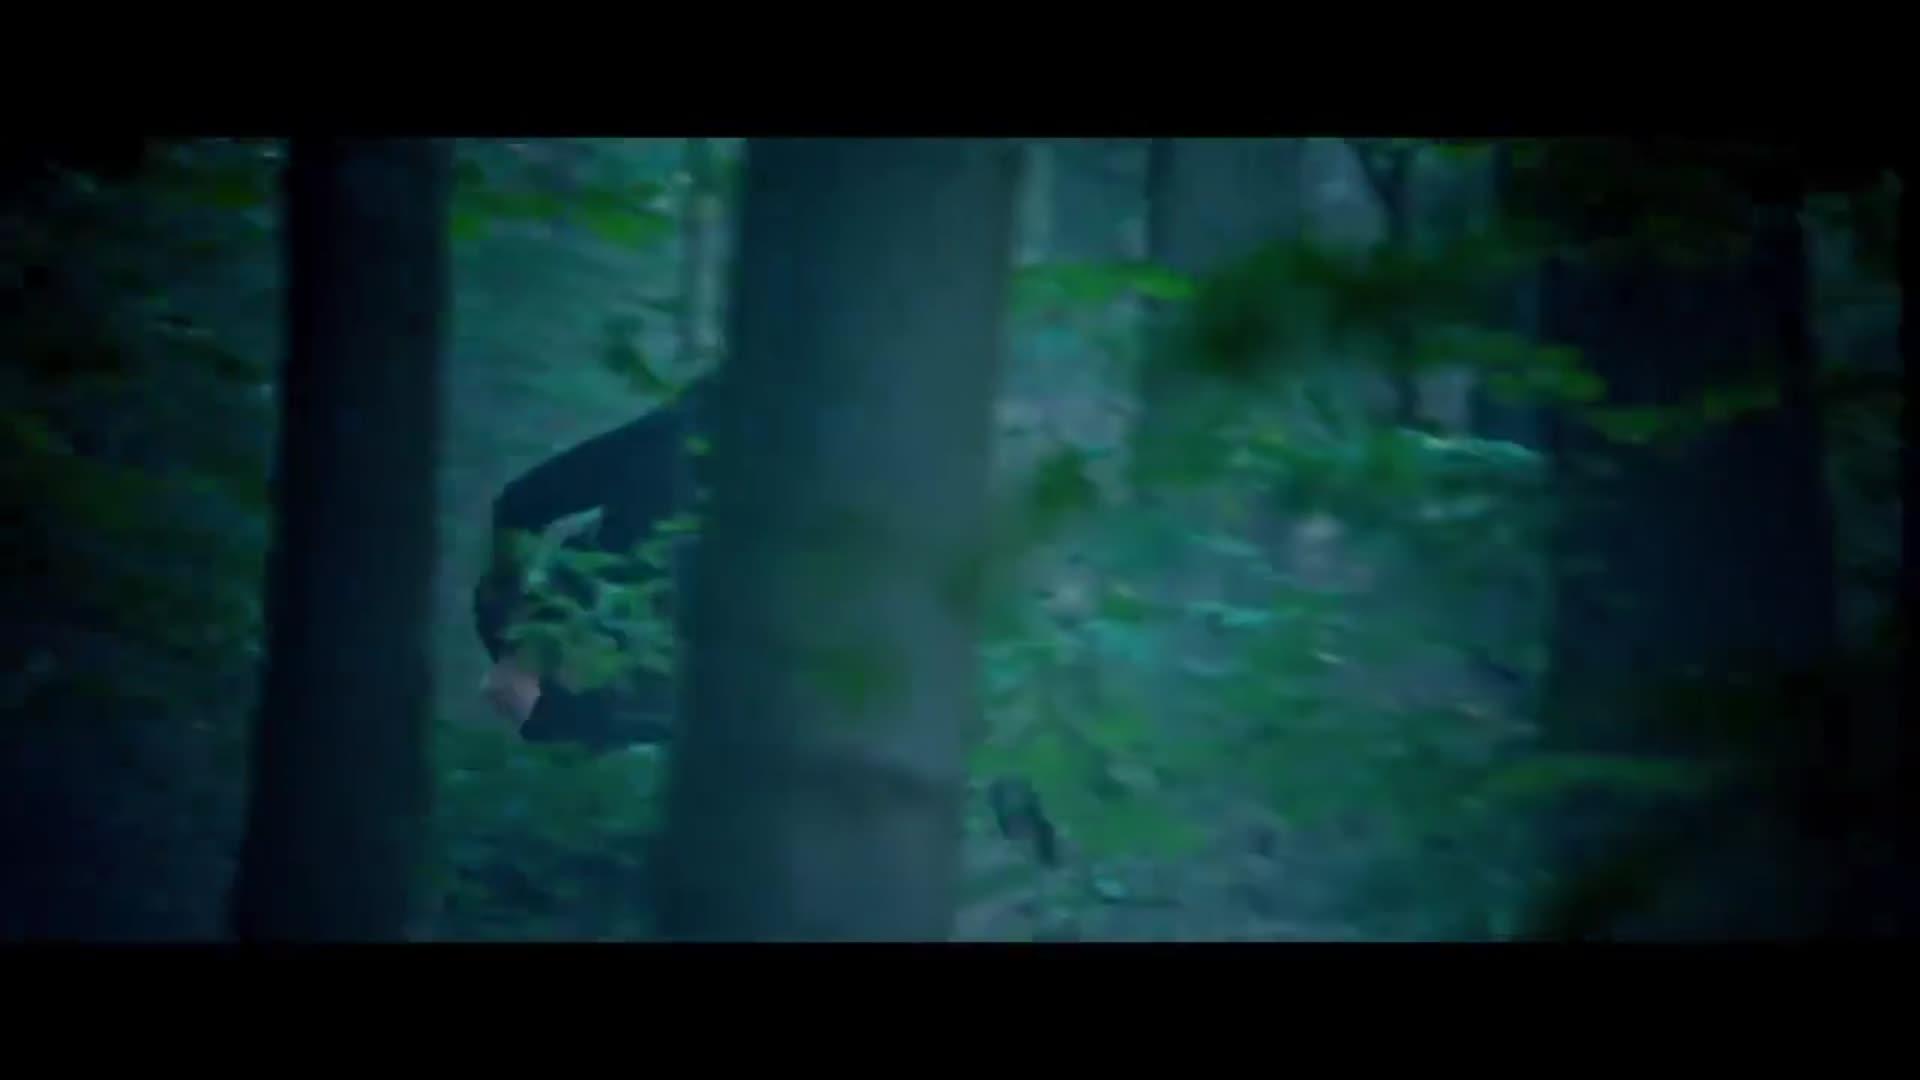 杨祐宁冒险解救舒淇,带着她开着帅气的山地车跑路